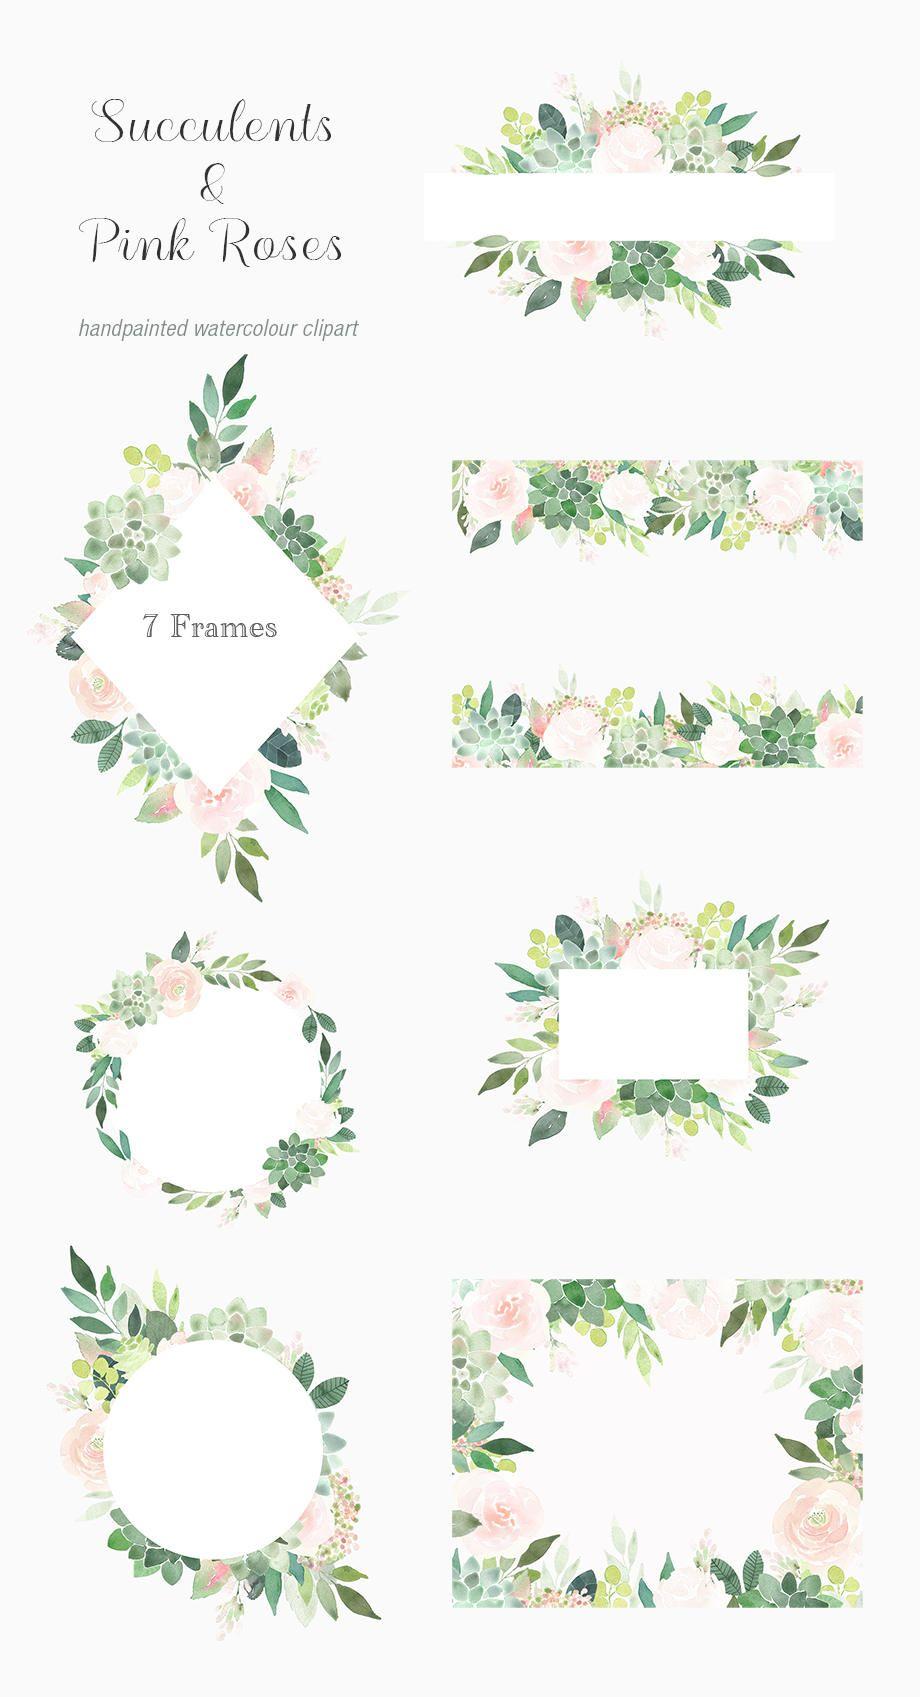 Photo of Sukkulenten-Clipart-Bilder, saftig Grenze, Rosen-Rahmen, Blumen Aquarell Hochzeitseinladung, vorgefertigte, Boho Blumen Grafiken, grün, rosa